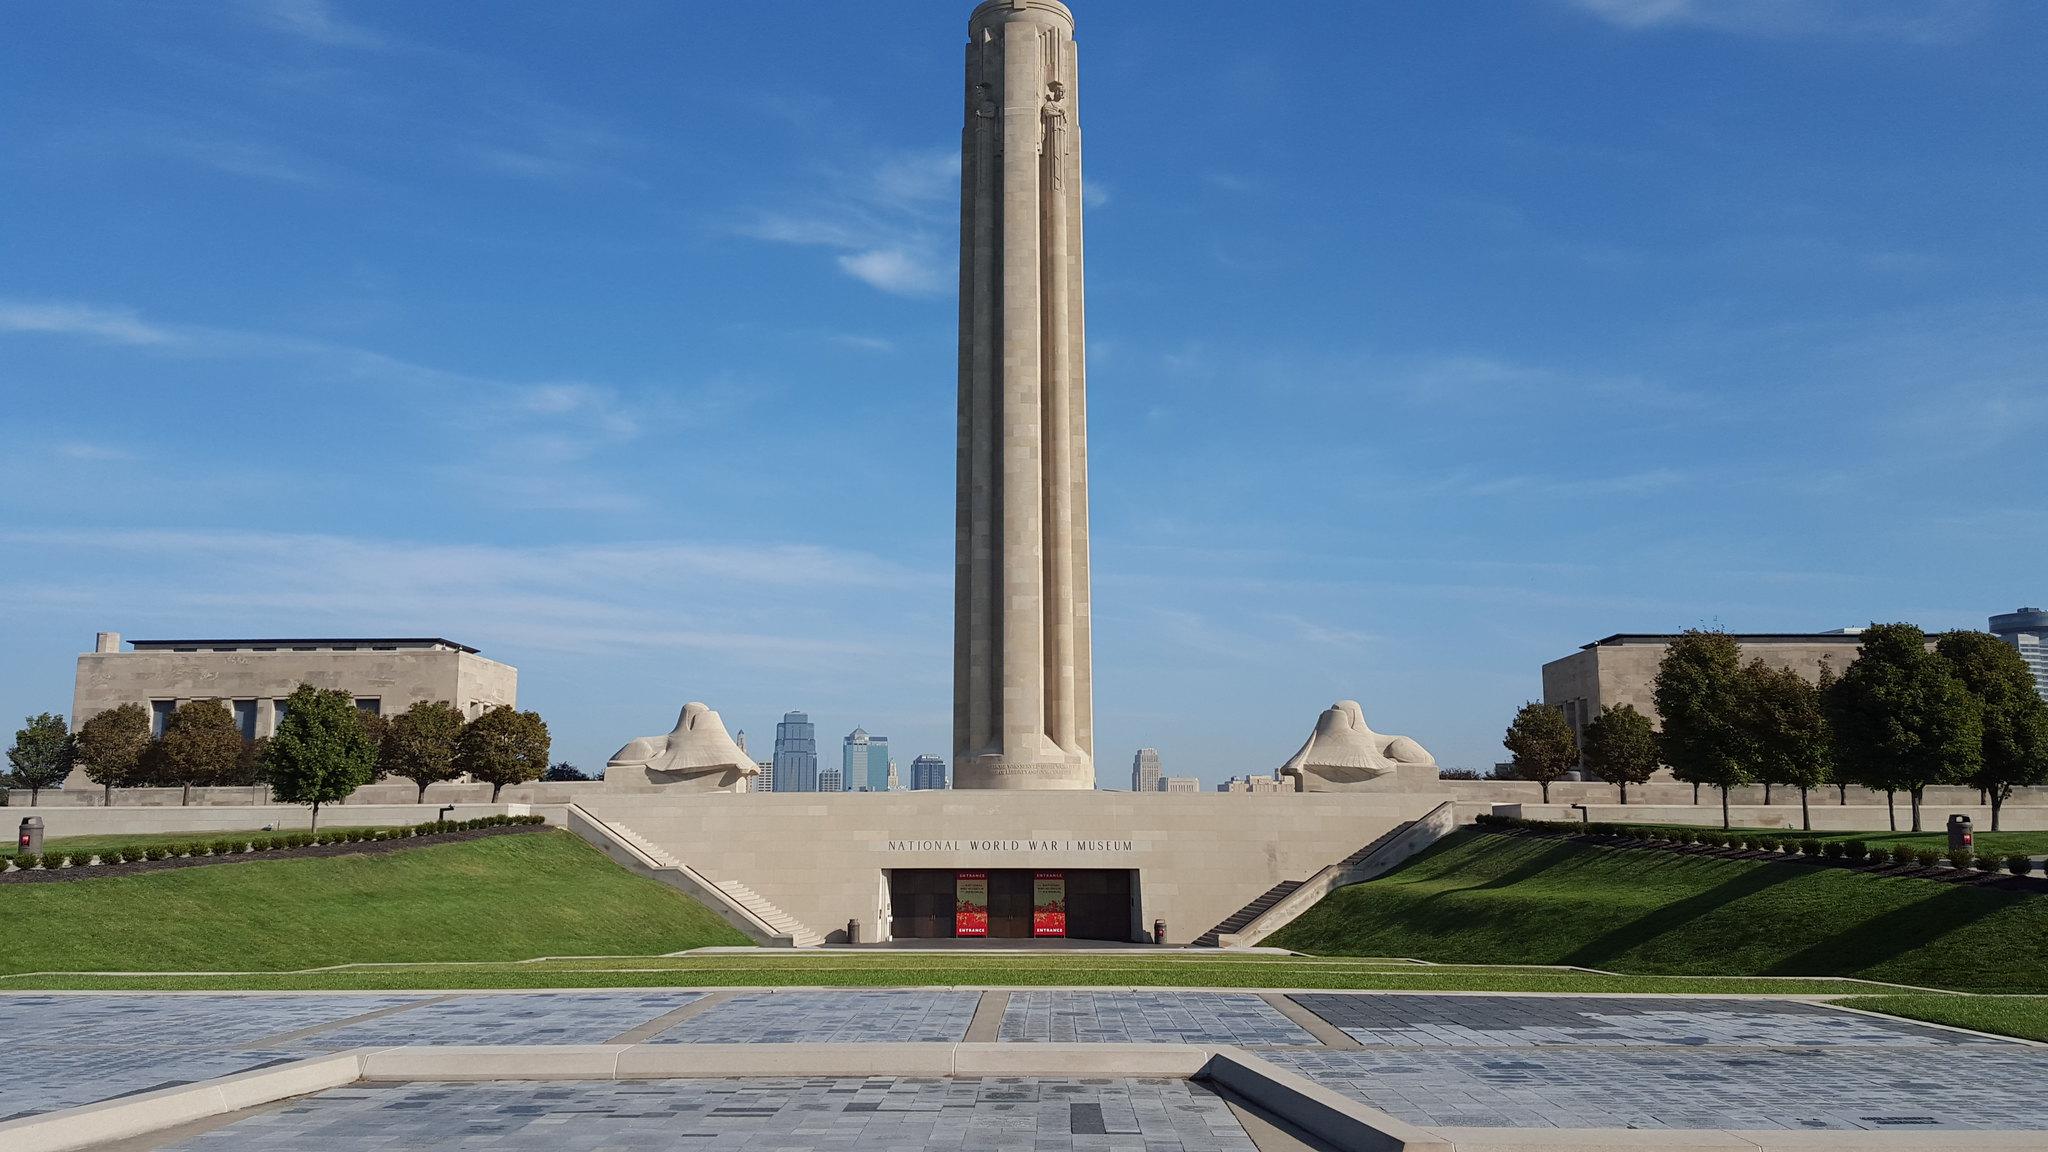 World War 1 Museum, Kansas City